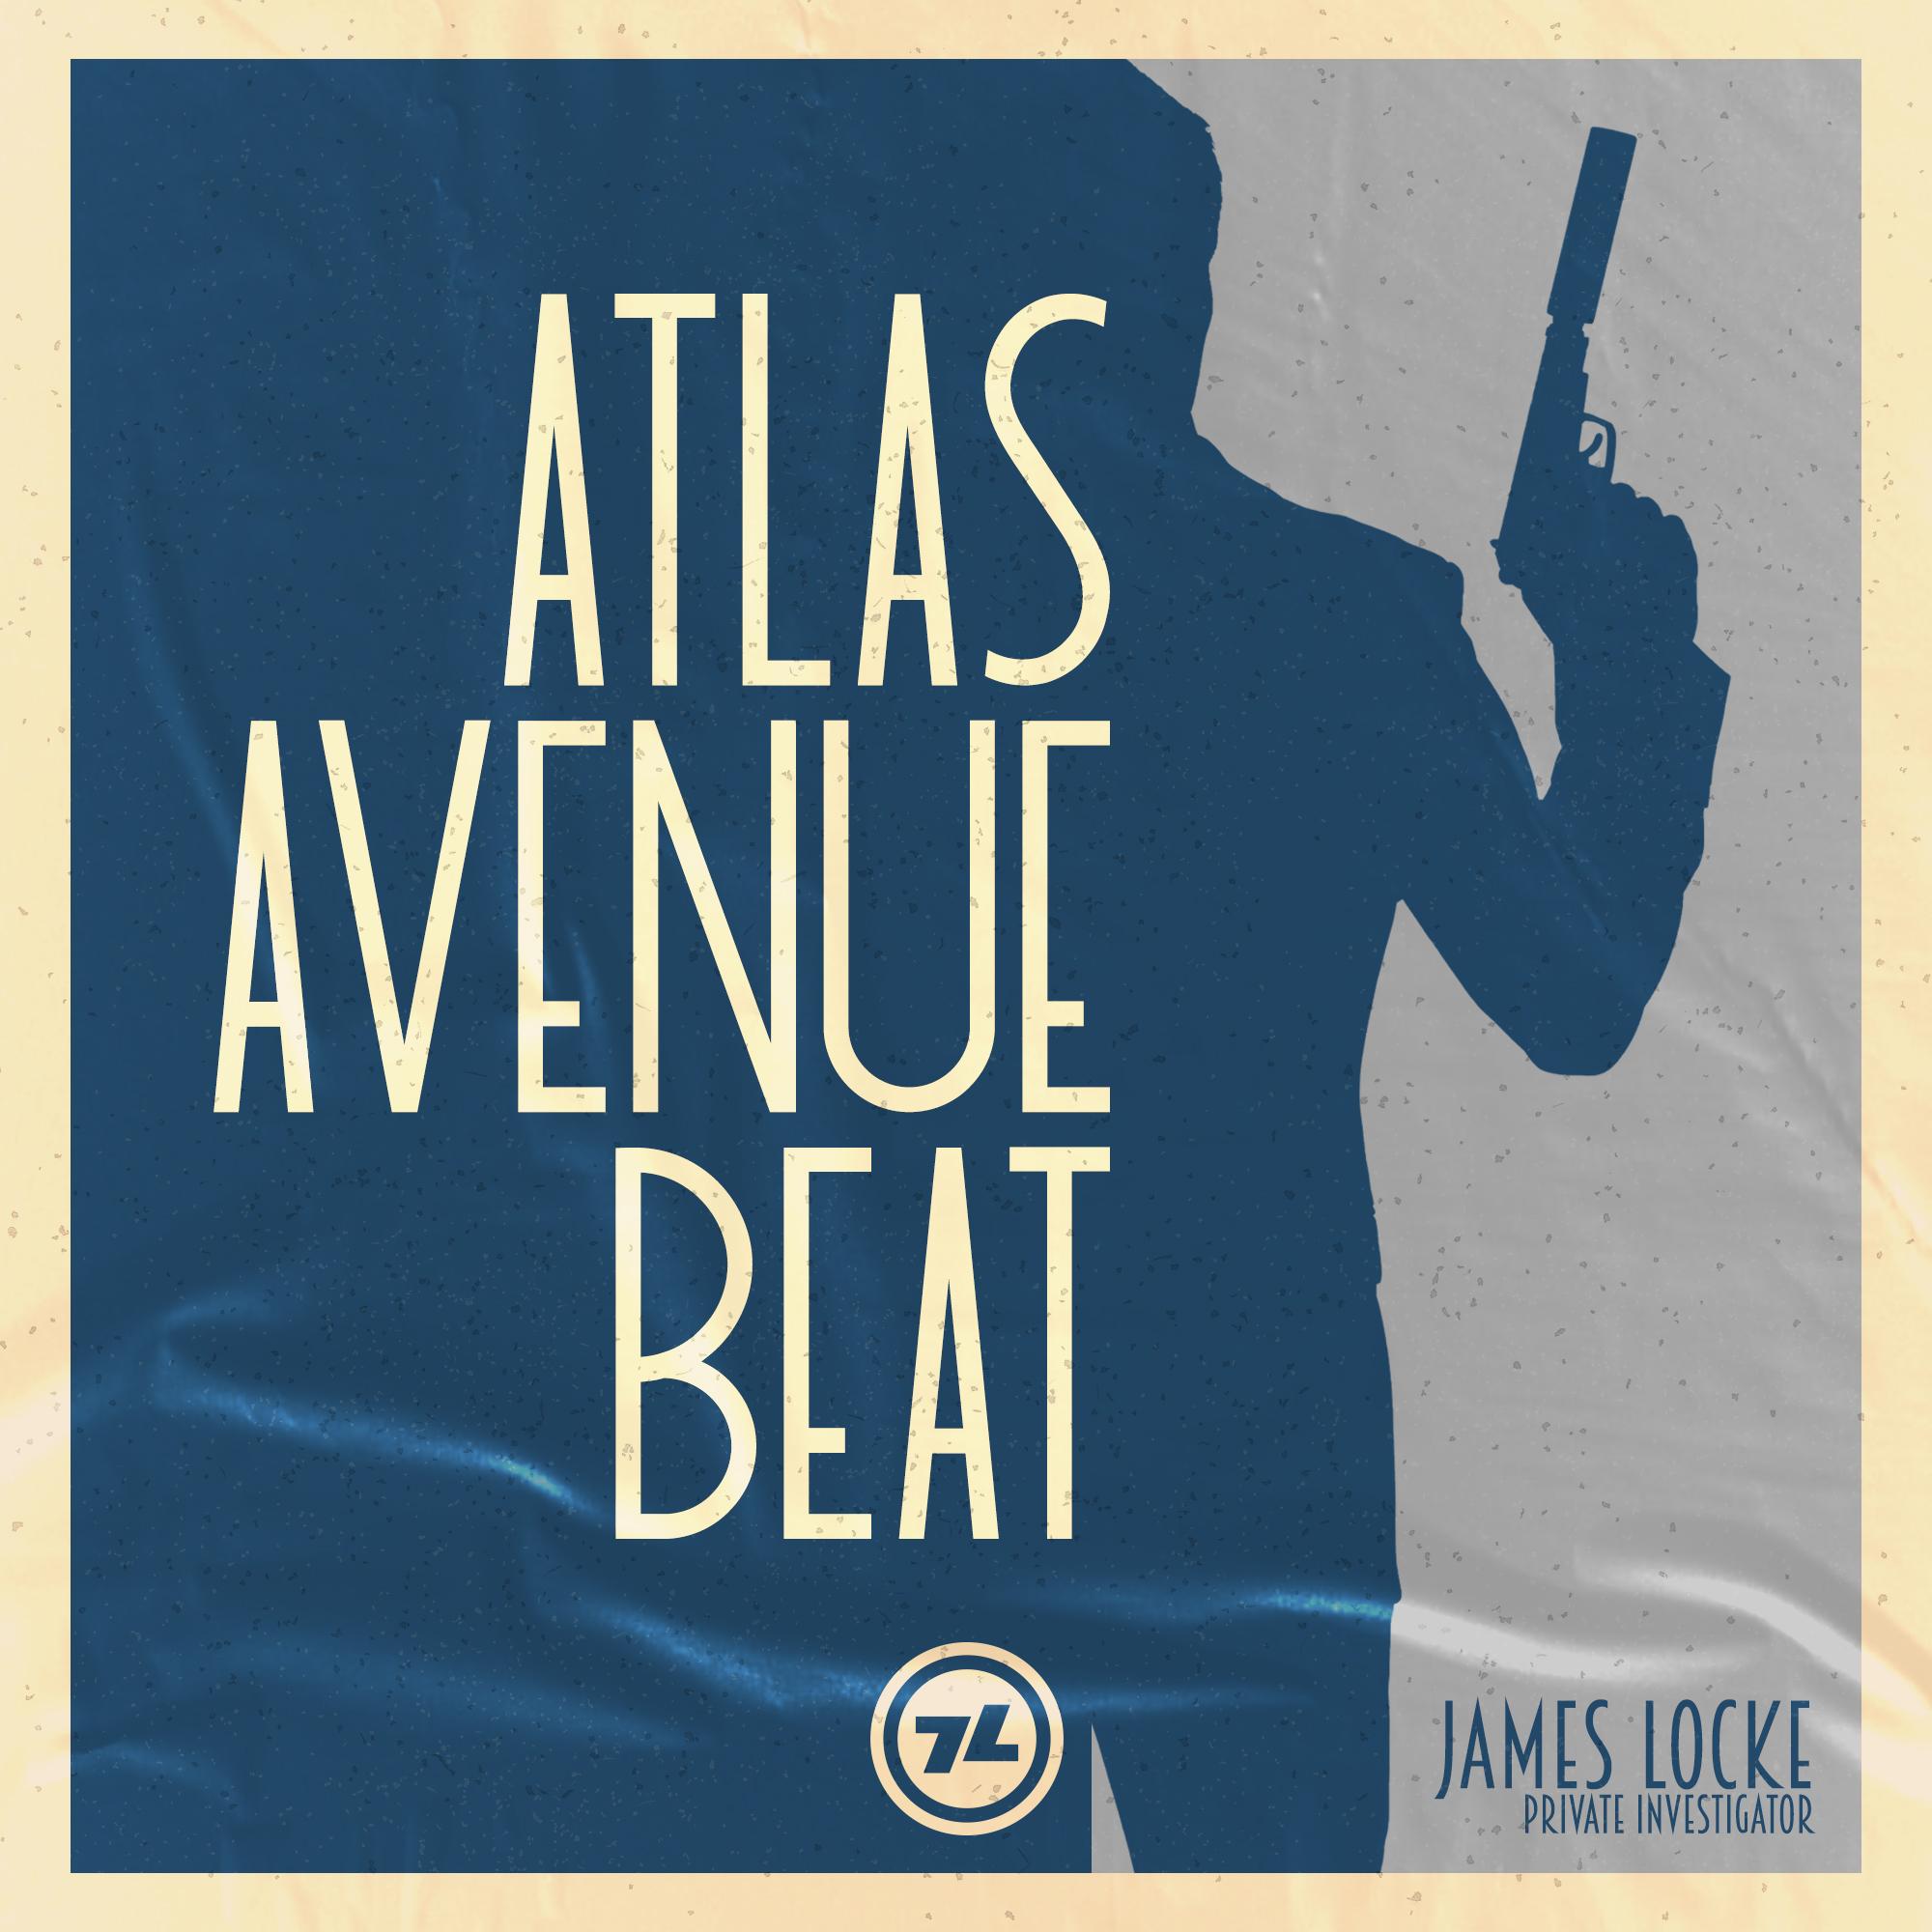 Atlas Avenue Beat